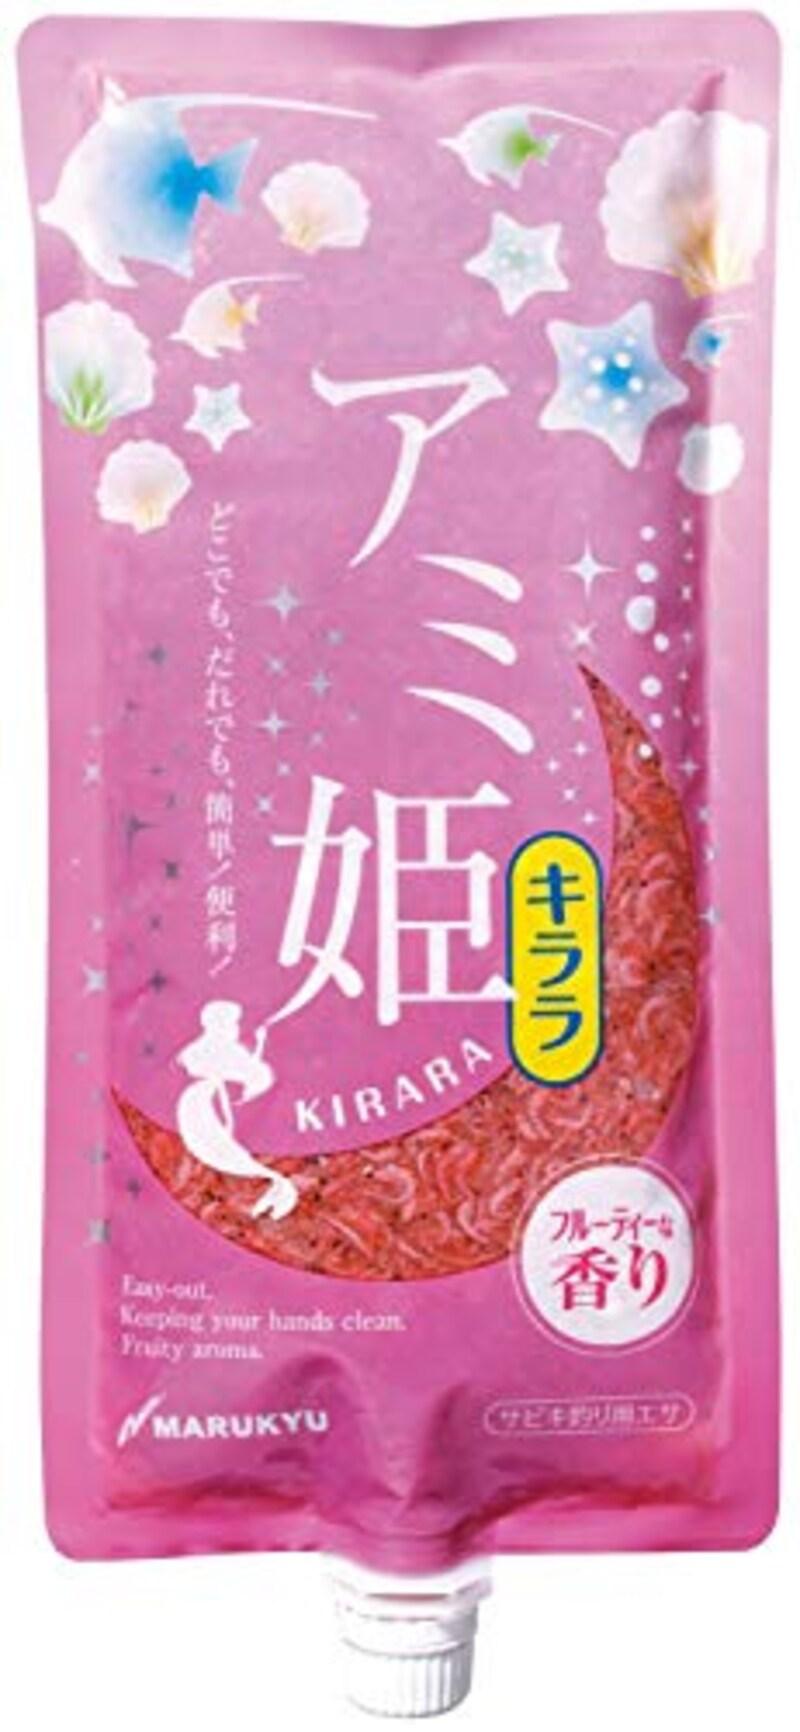 MARUKYU(マルキュー),アミ姫 キララ